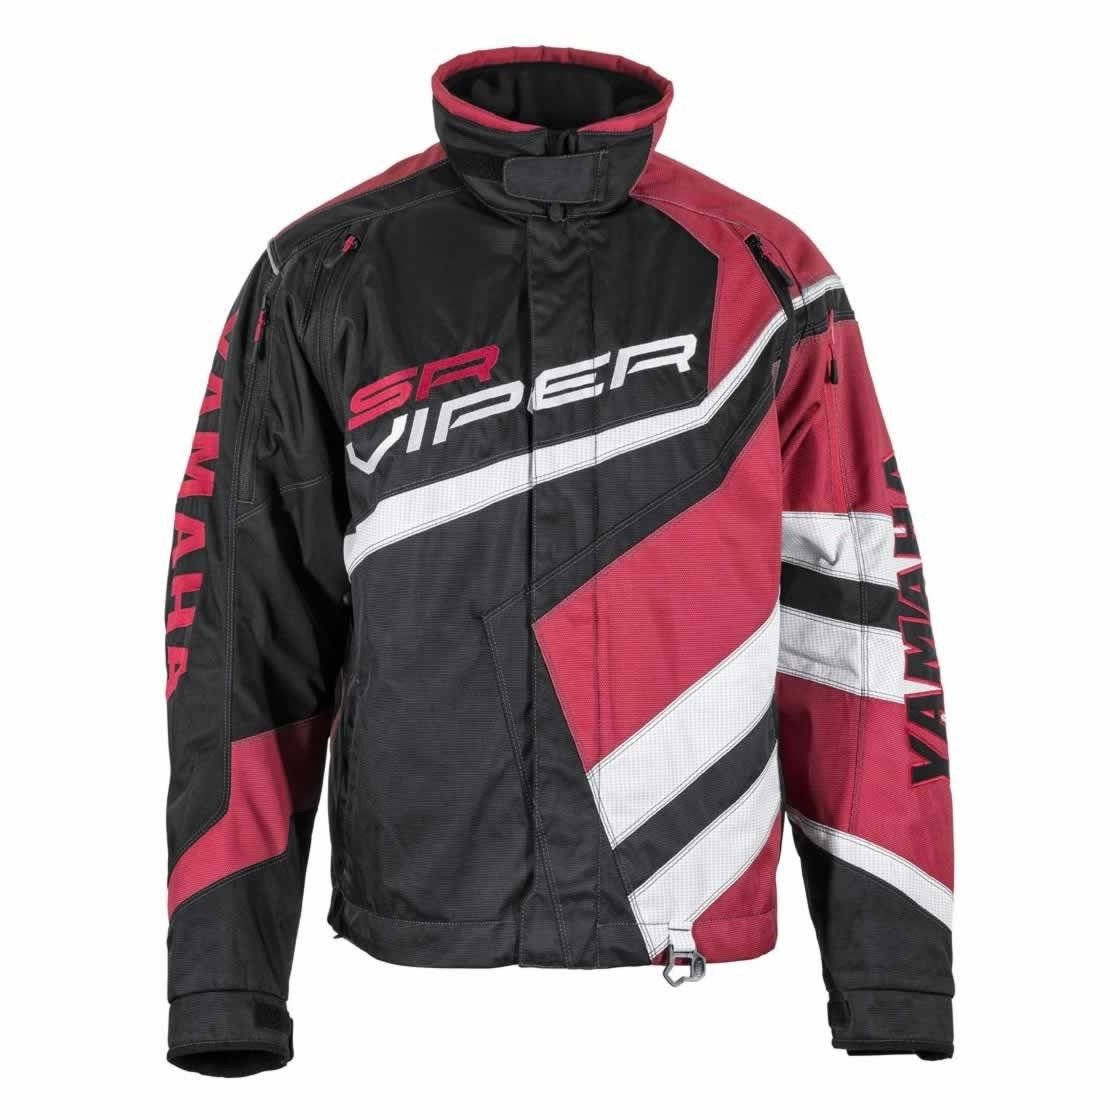 2015 Yamaha hombre rojo Sr Viper chaqueta de nieve smb-15jvp ...